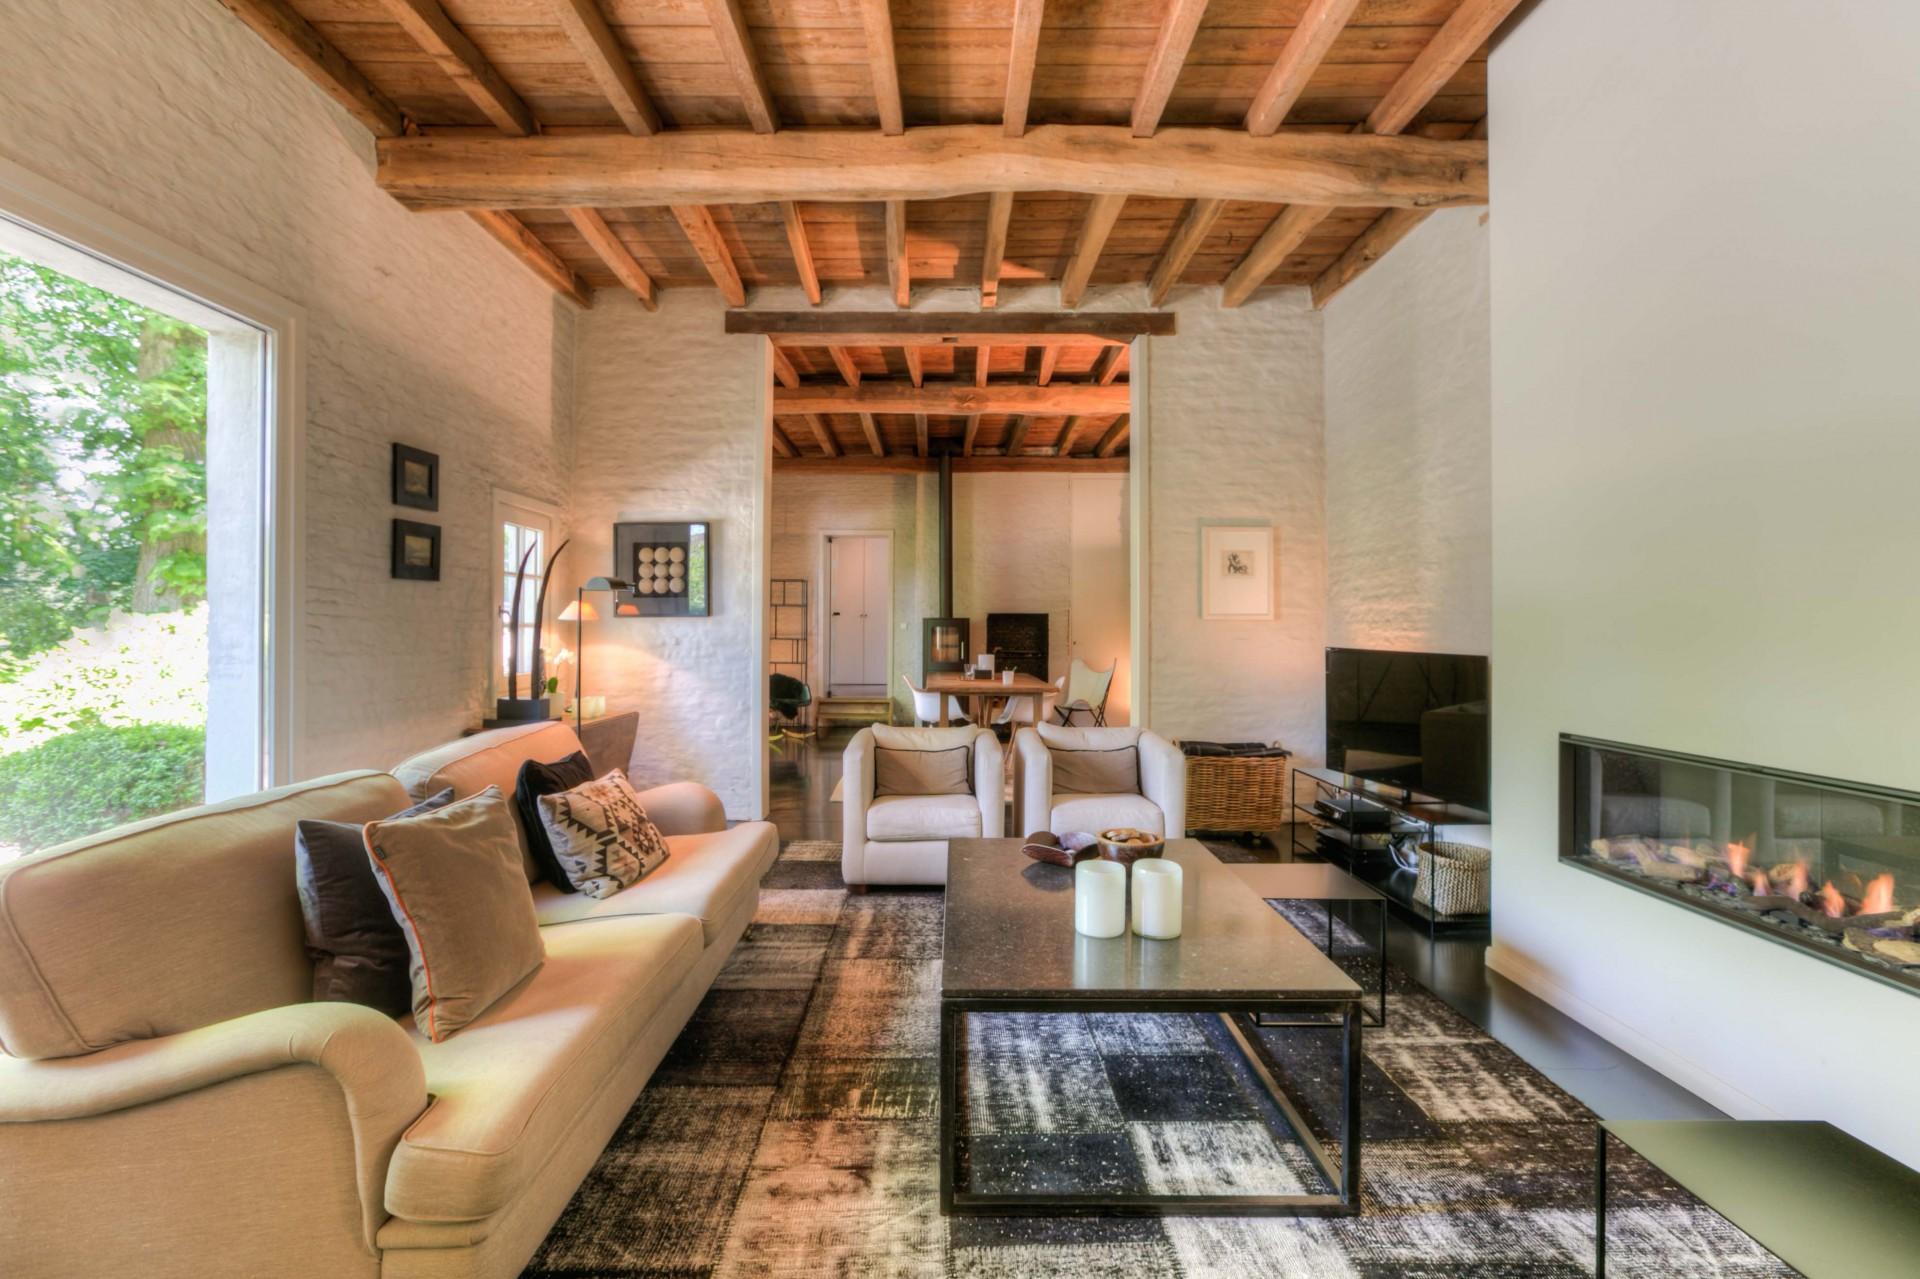 высокий потолок балки гостиная телевизор диван кресло журнальный стол ковер кирпич камин